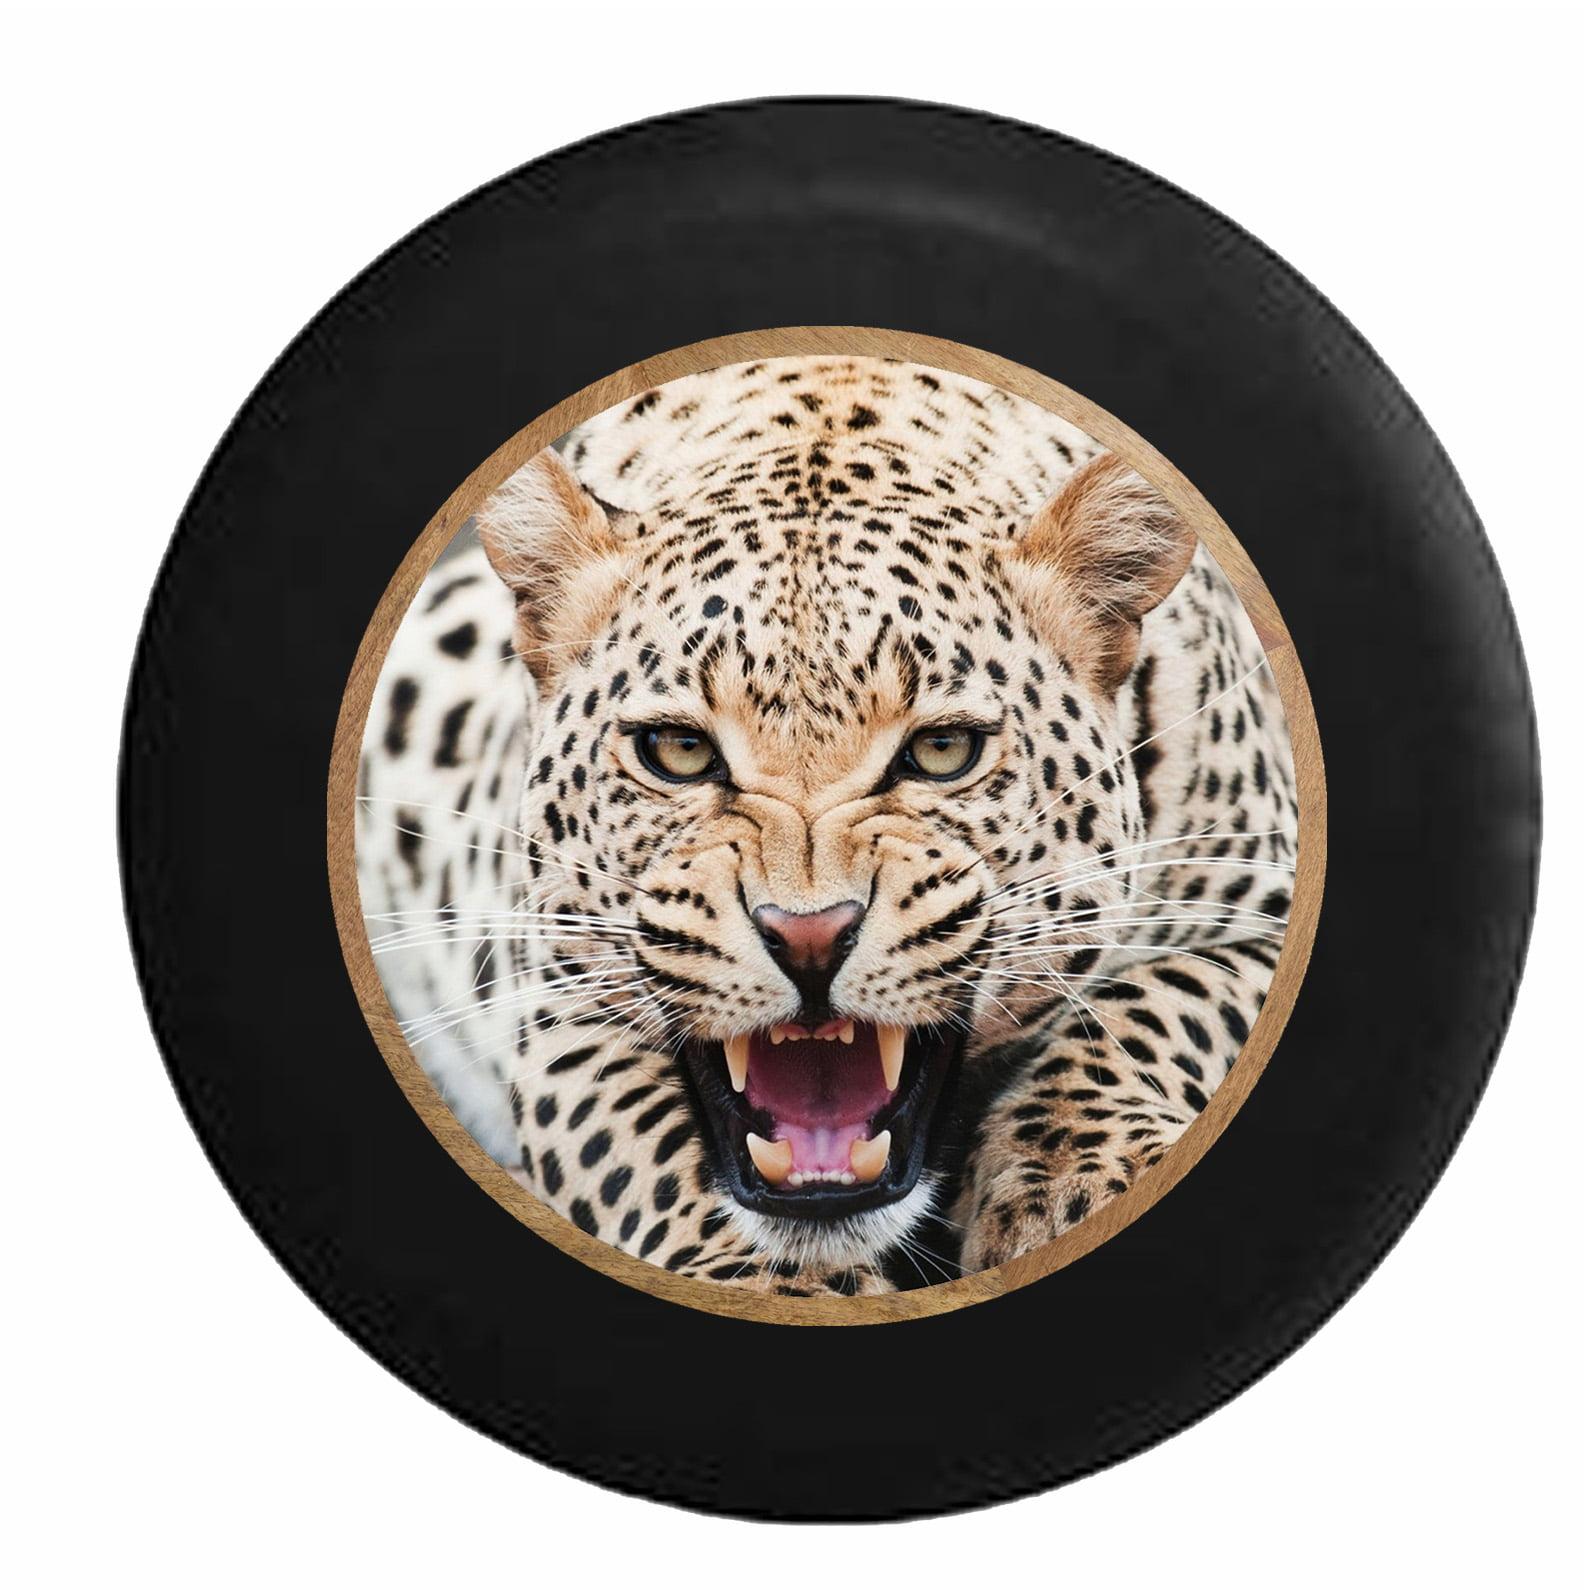 Big Cat Growl: Leopard Cheetah Growling In The Jungle Big Cat Jeep RV